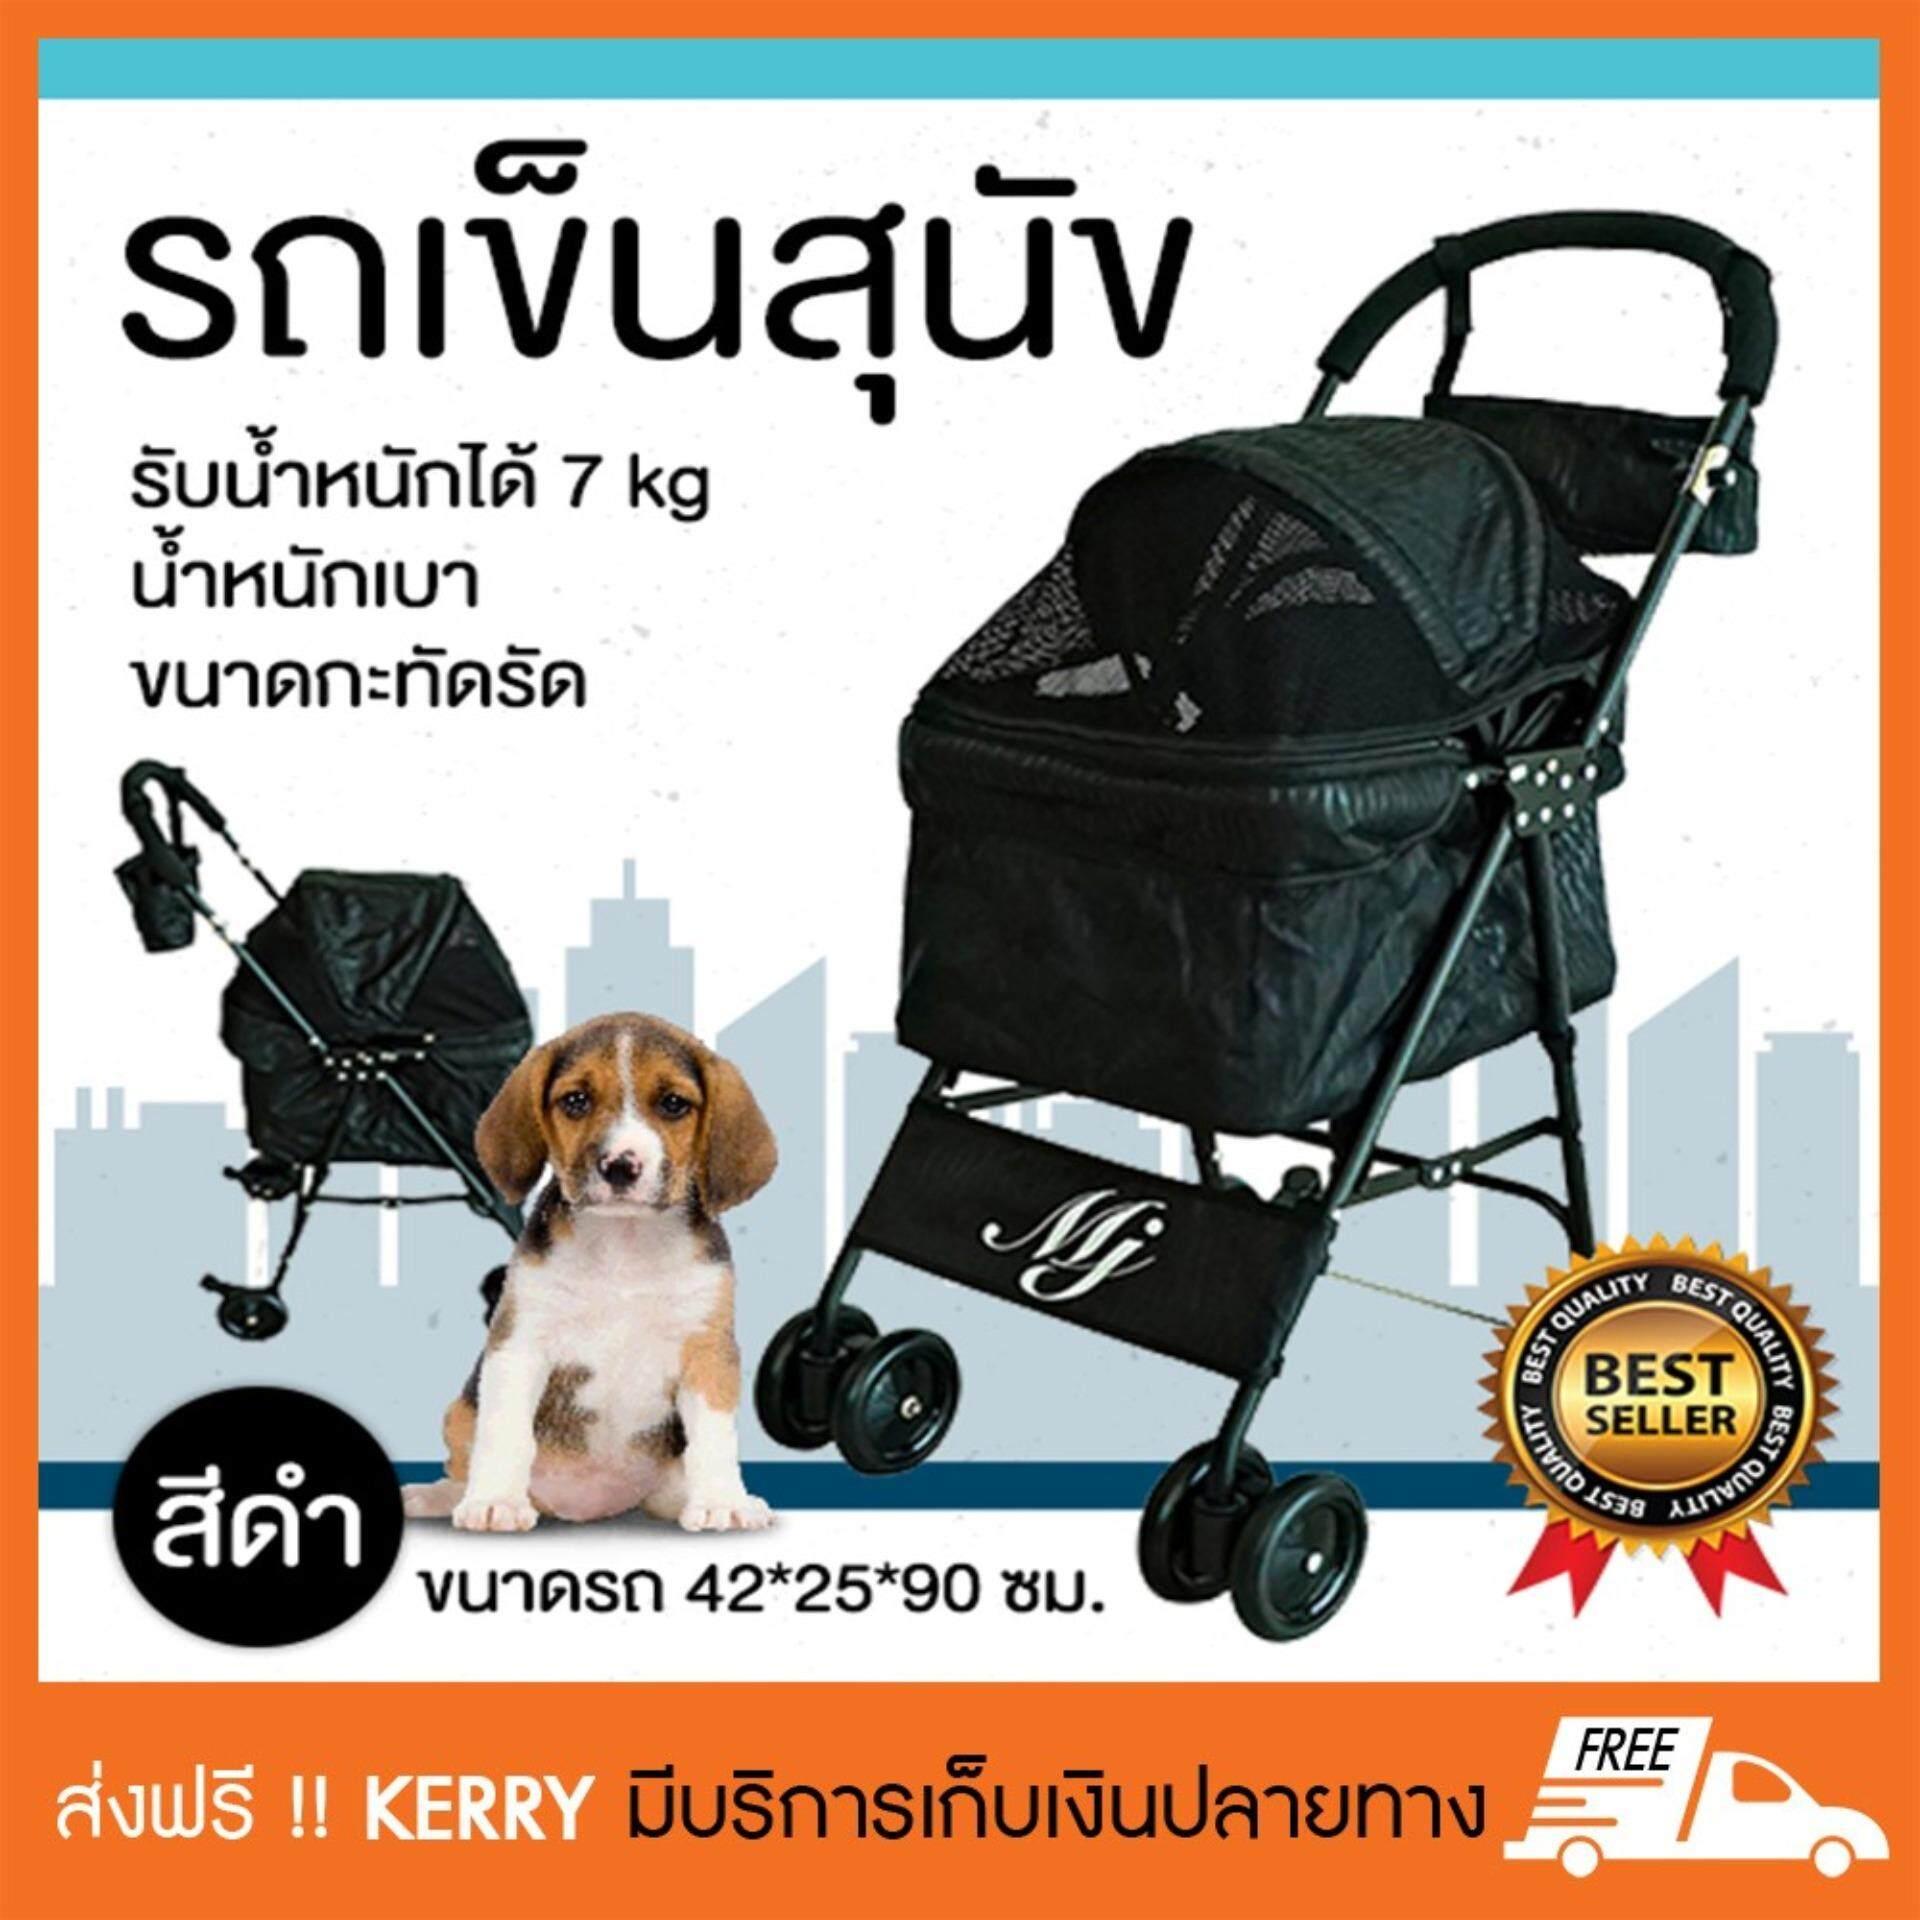 รถเข็นสุนัข รถเข็นหมา รถเข็นน้องหมา ขนาดเล็ก (สีดำ) กางและพับเก็บได้ง่าย